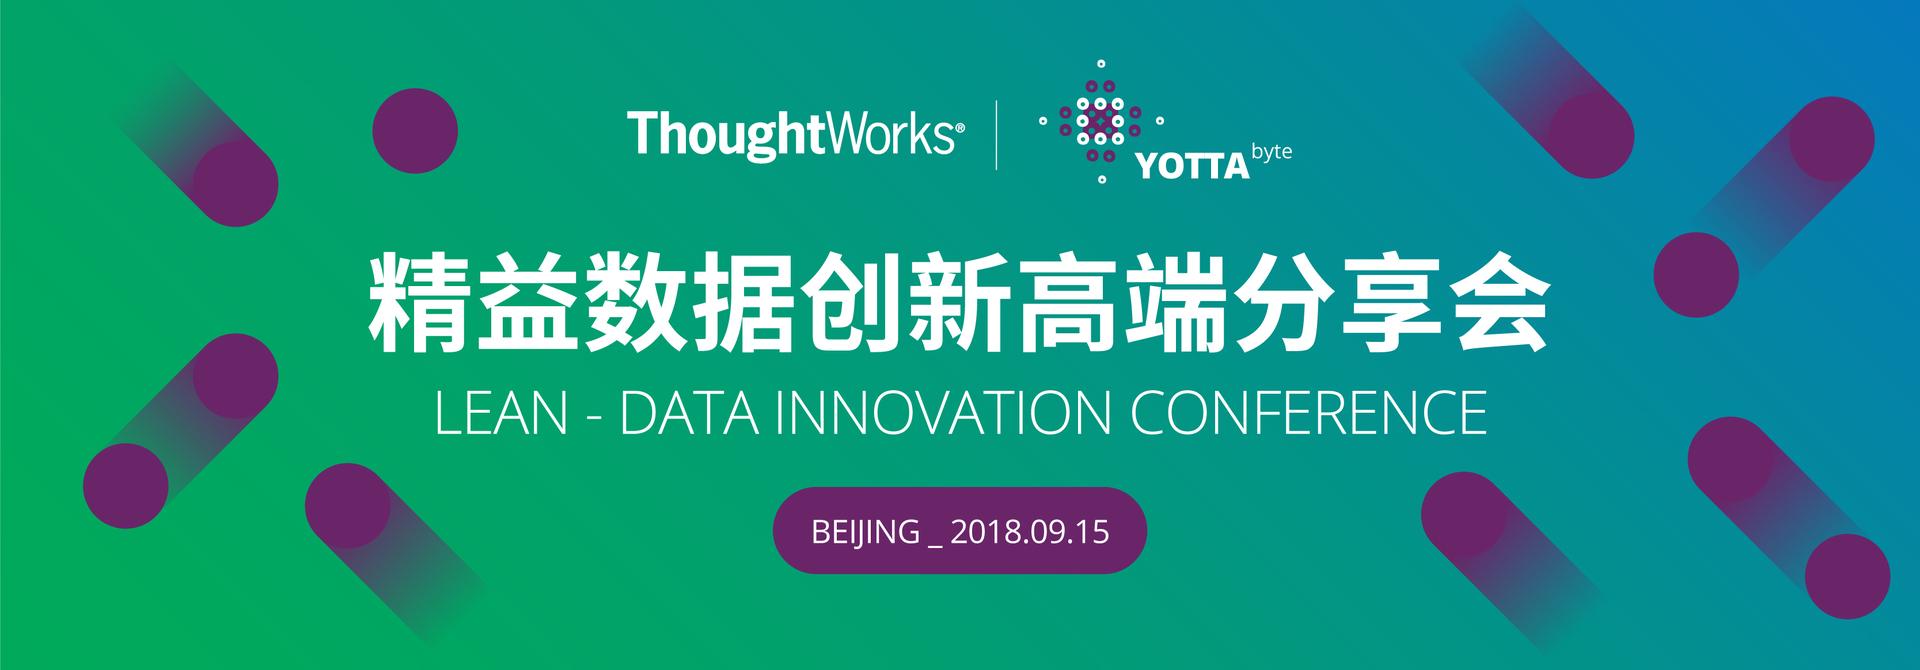 ThoughtWorks精益数据创新高端分享会